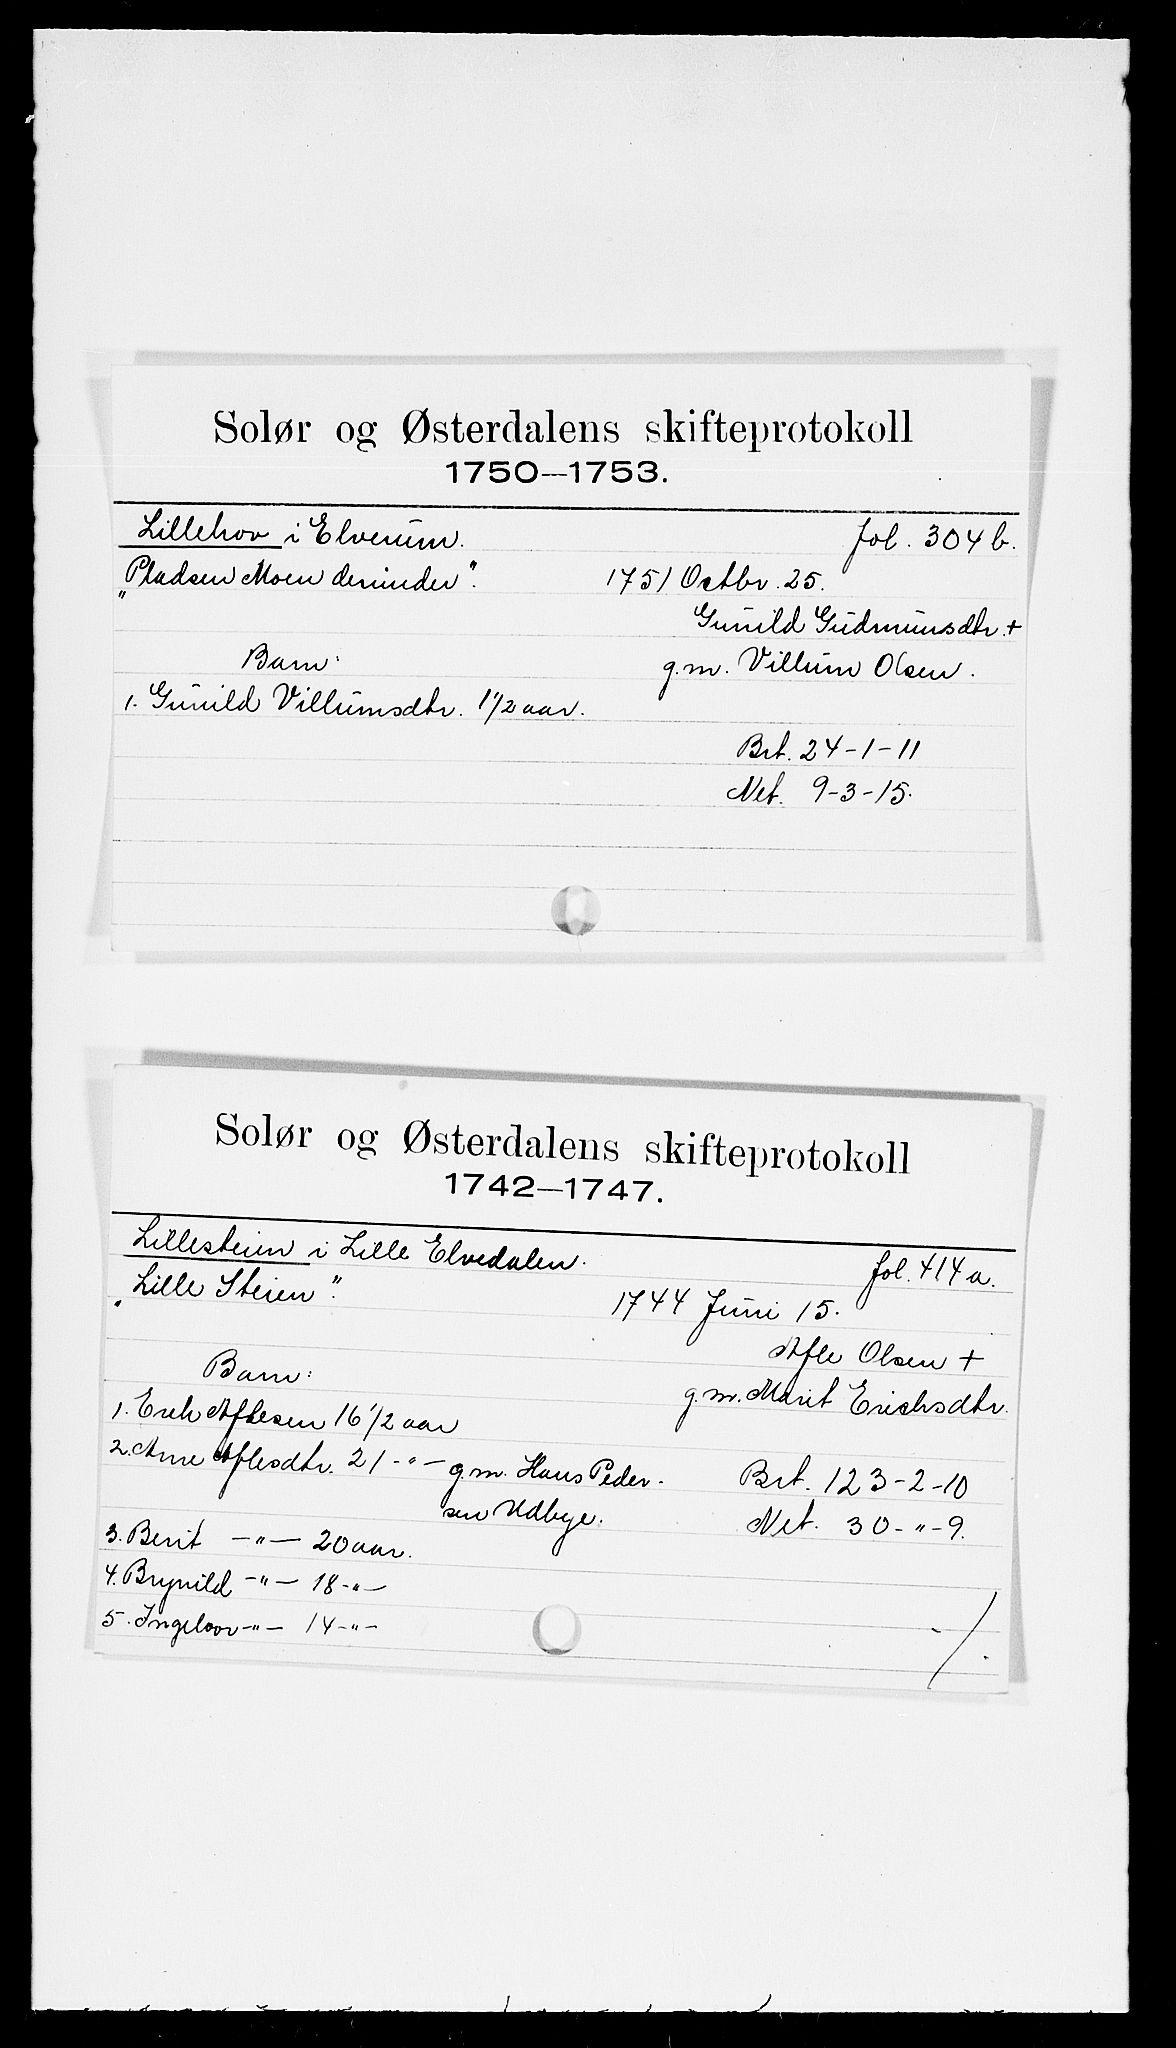 SAH, Solør og Østerdalen sorenskriveri, J, 1716-1774, s. 8838